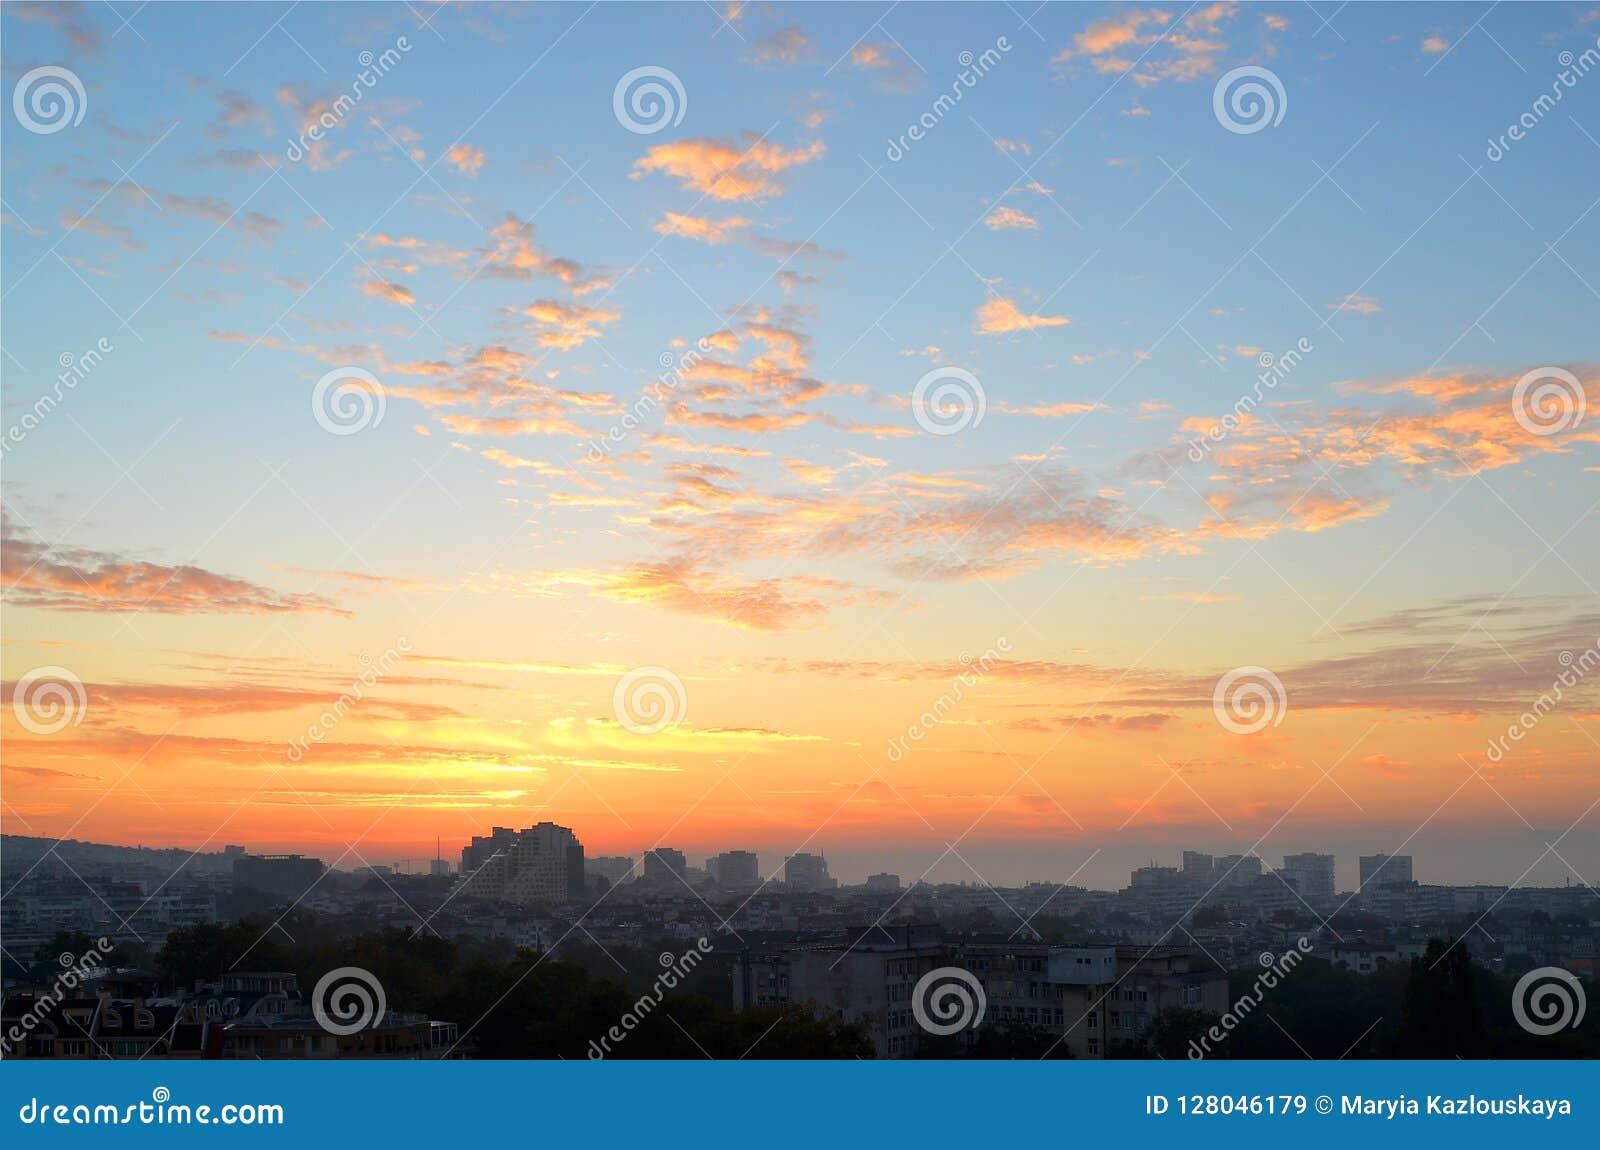 Cityscape i ottan: rosa färgen och apelsinen fördunklar på en blå himmel på gryning precis för soluppgång över den sova staden